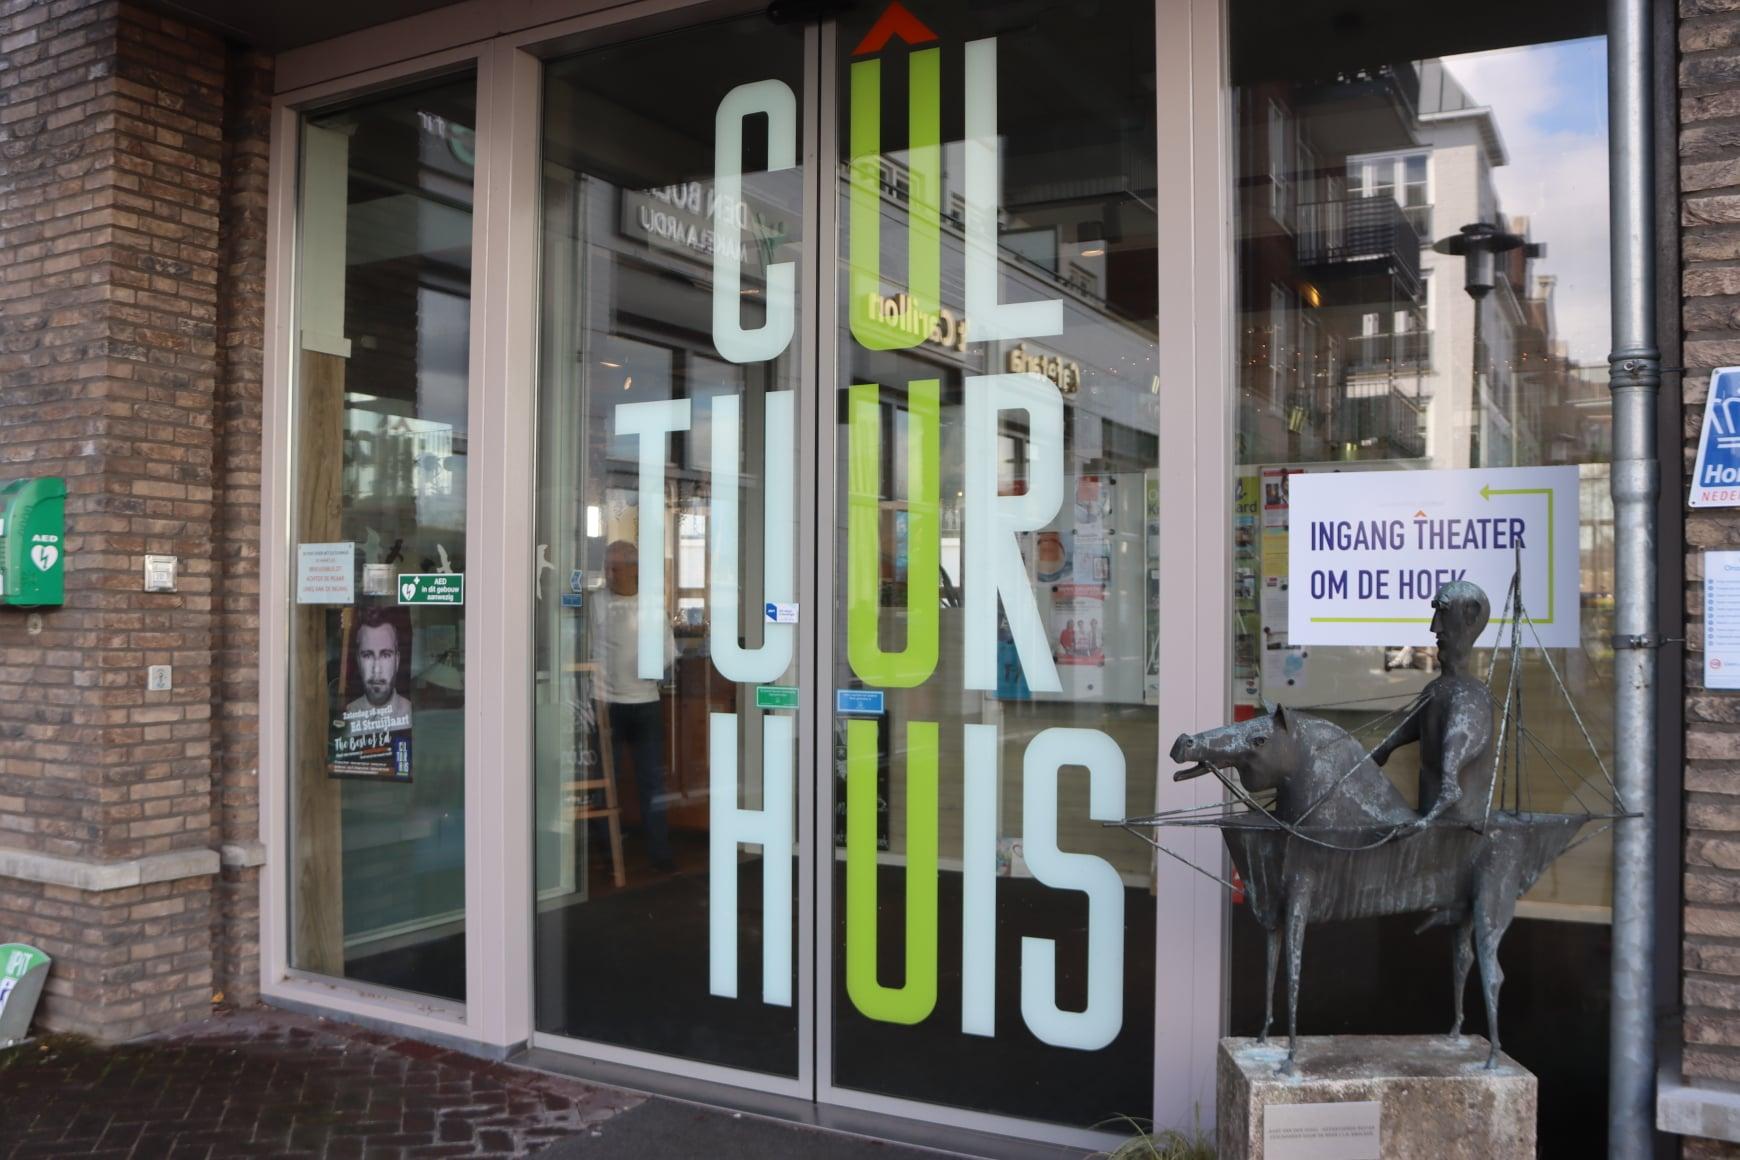 Ook Cultuurhuis tijdelijk dicht vanwege coronamaatregelen